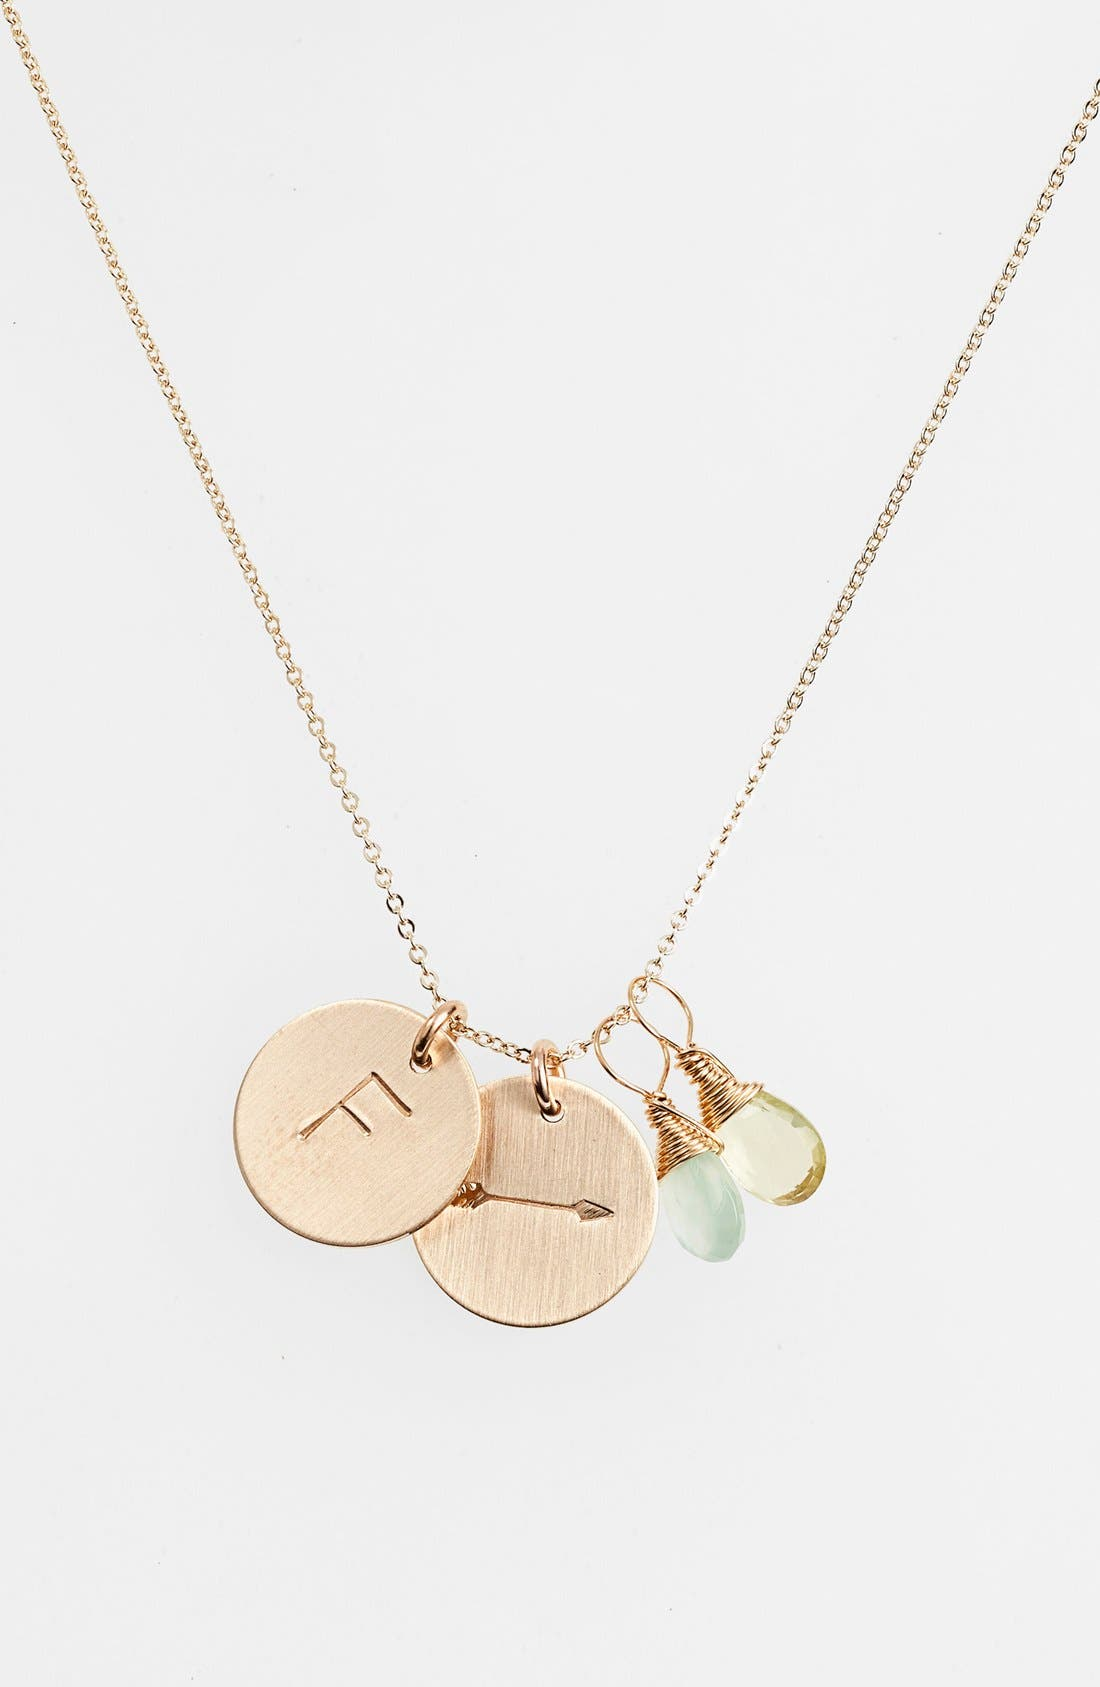 Aqua Chalcedony, Lemon Quartz, Initial & Arrow 14k-Gold Fill Disc Necklace,                         Main,                         color, Aqua And Lemon F